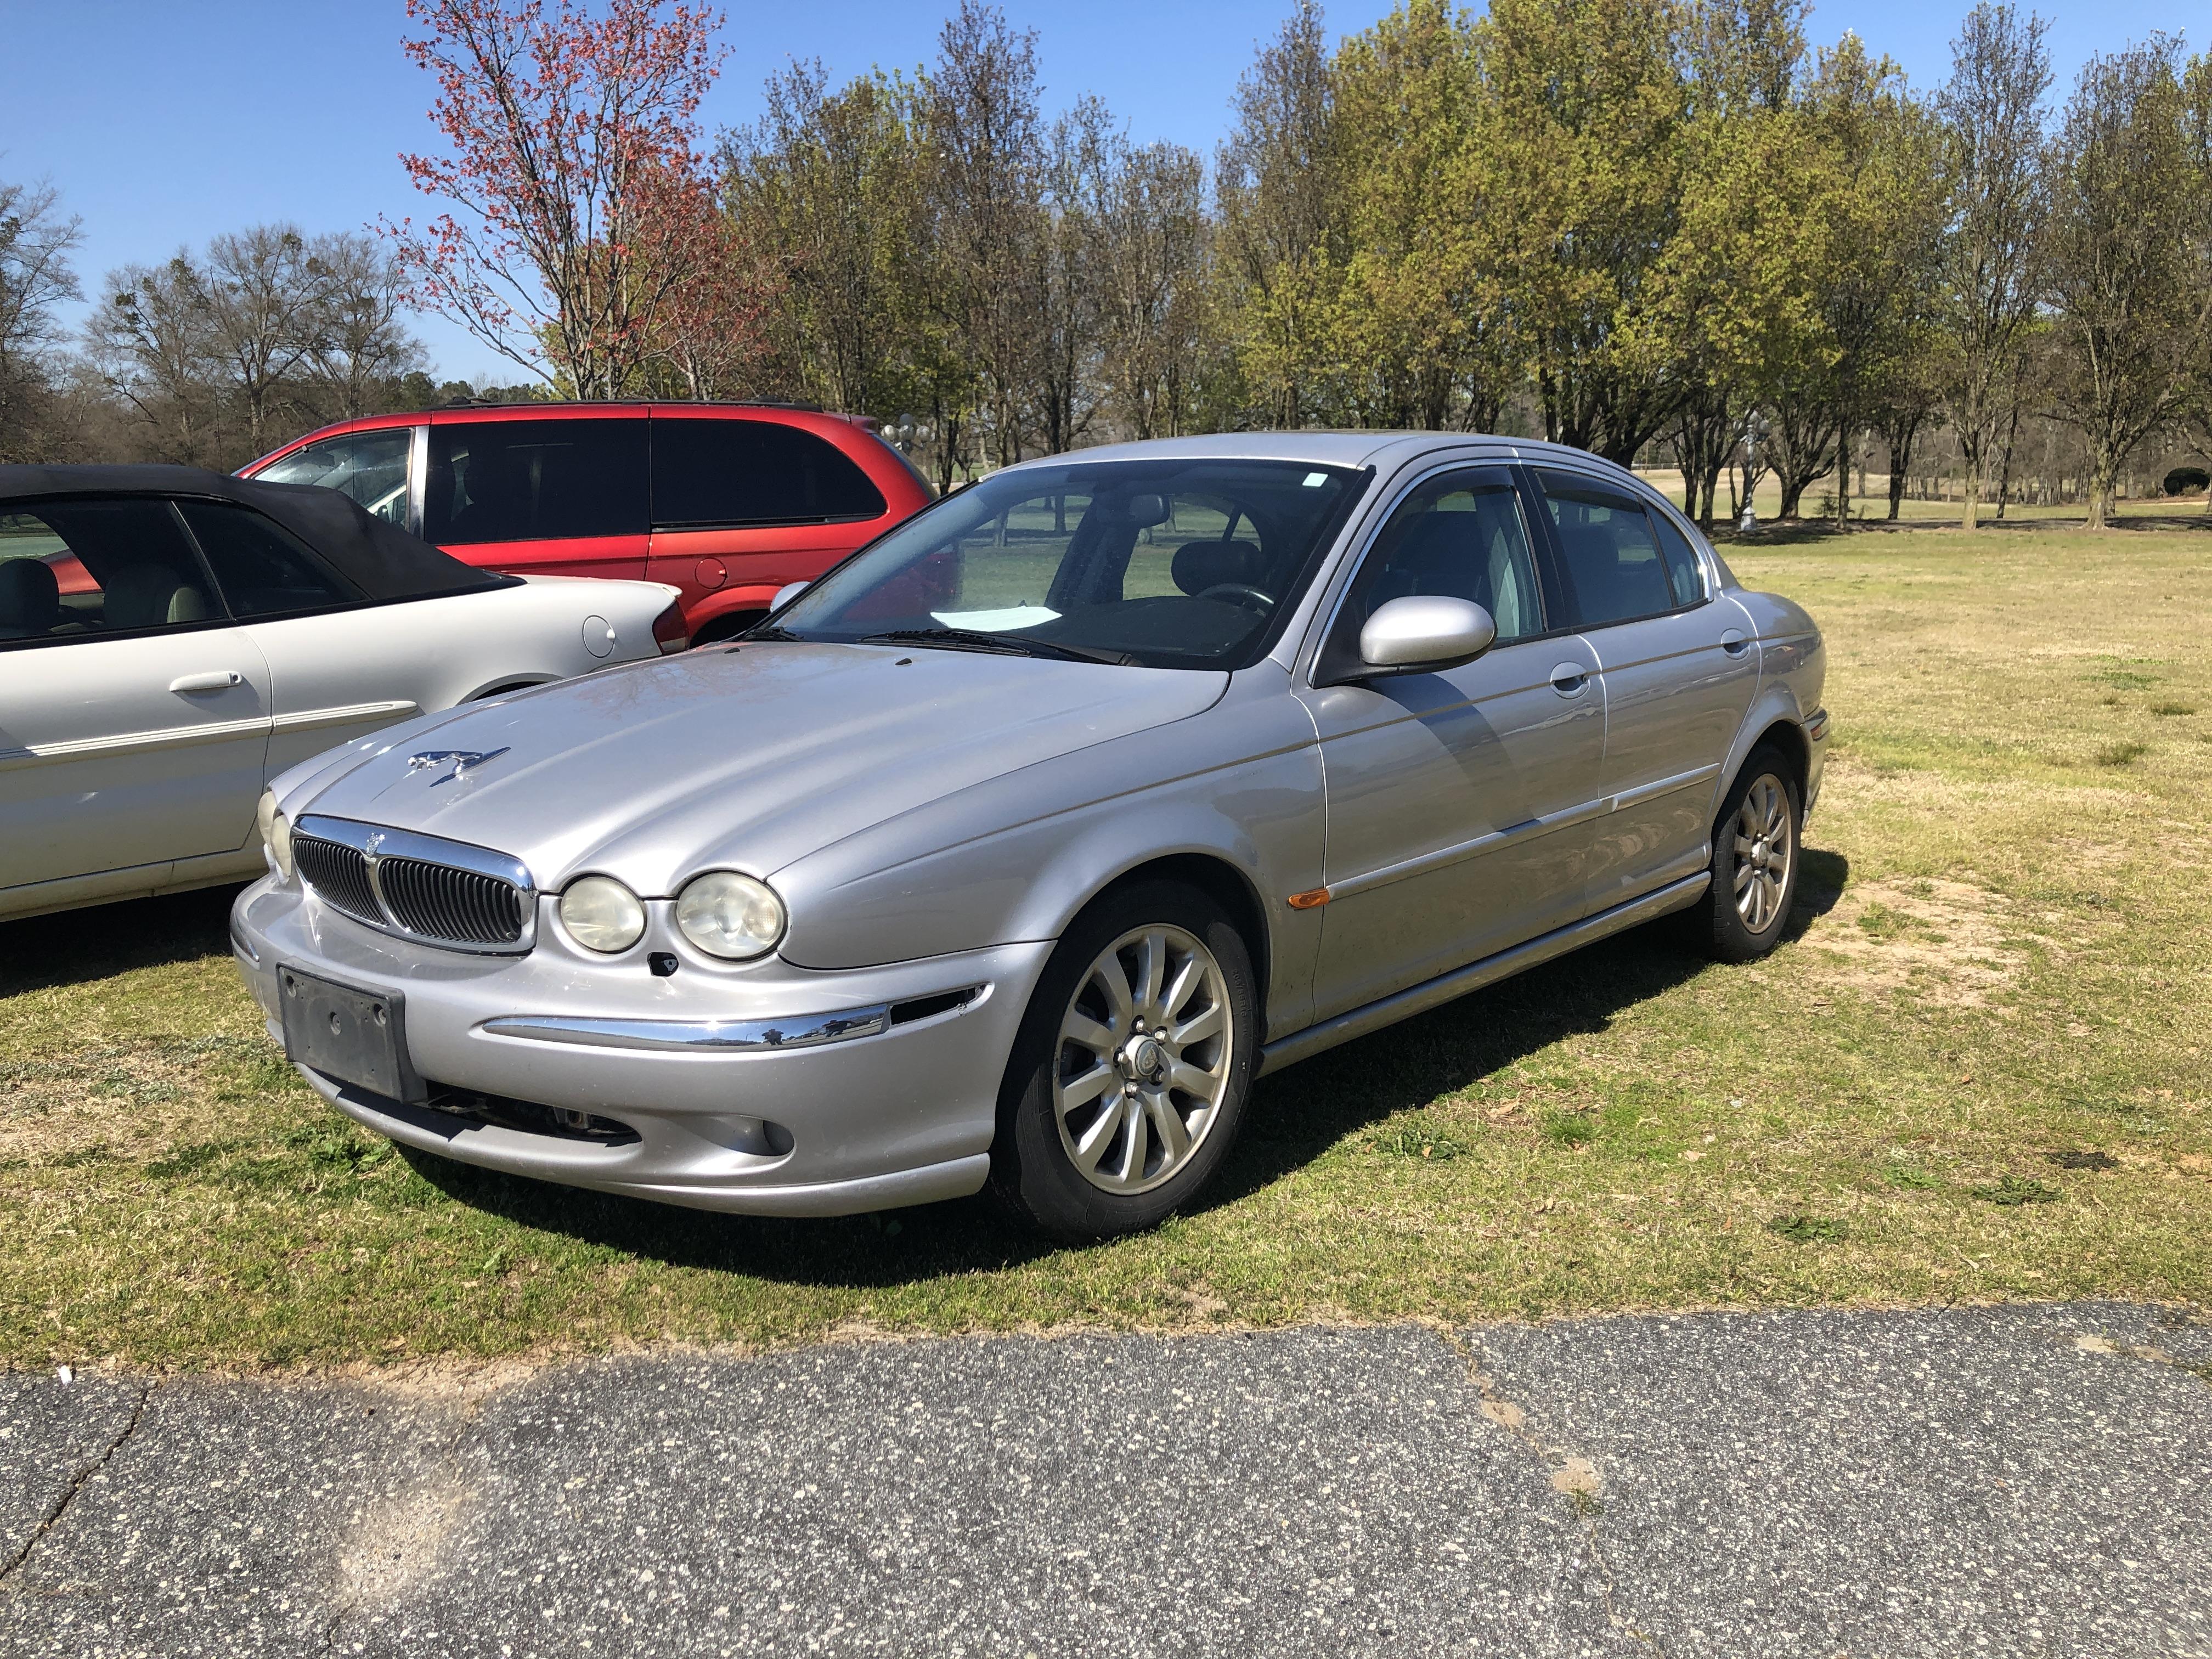 2002 Jaguar X Type Larrys Used Cars Inc